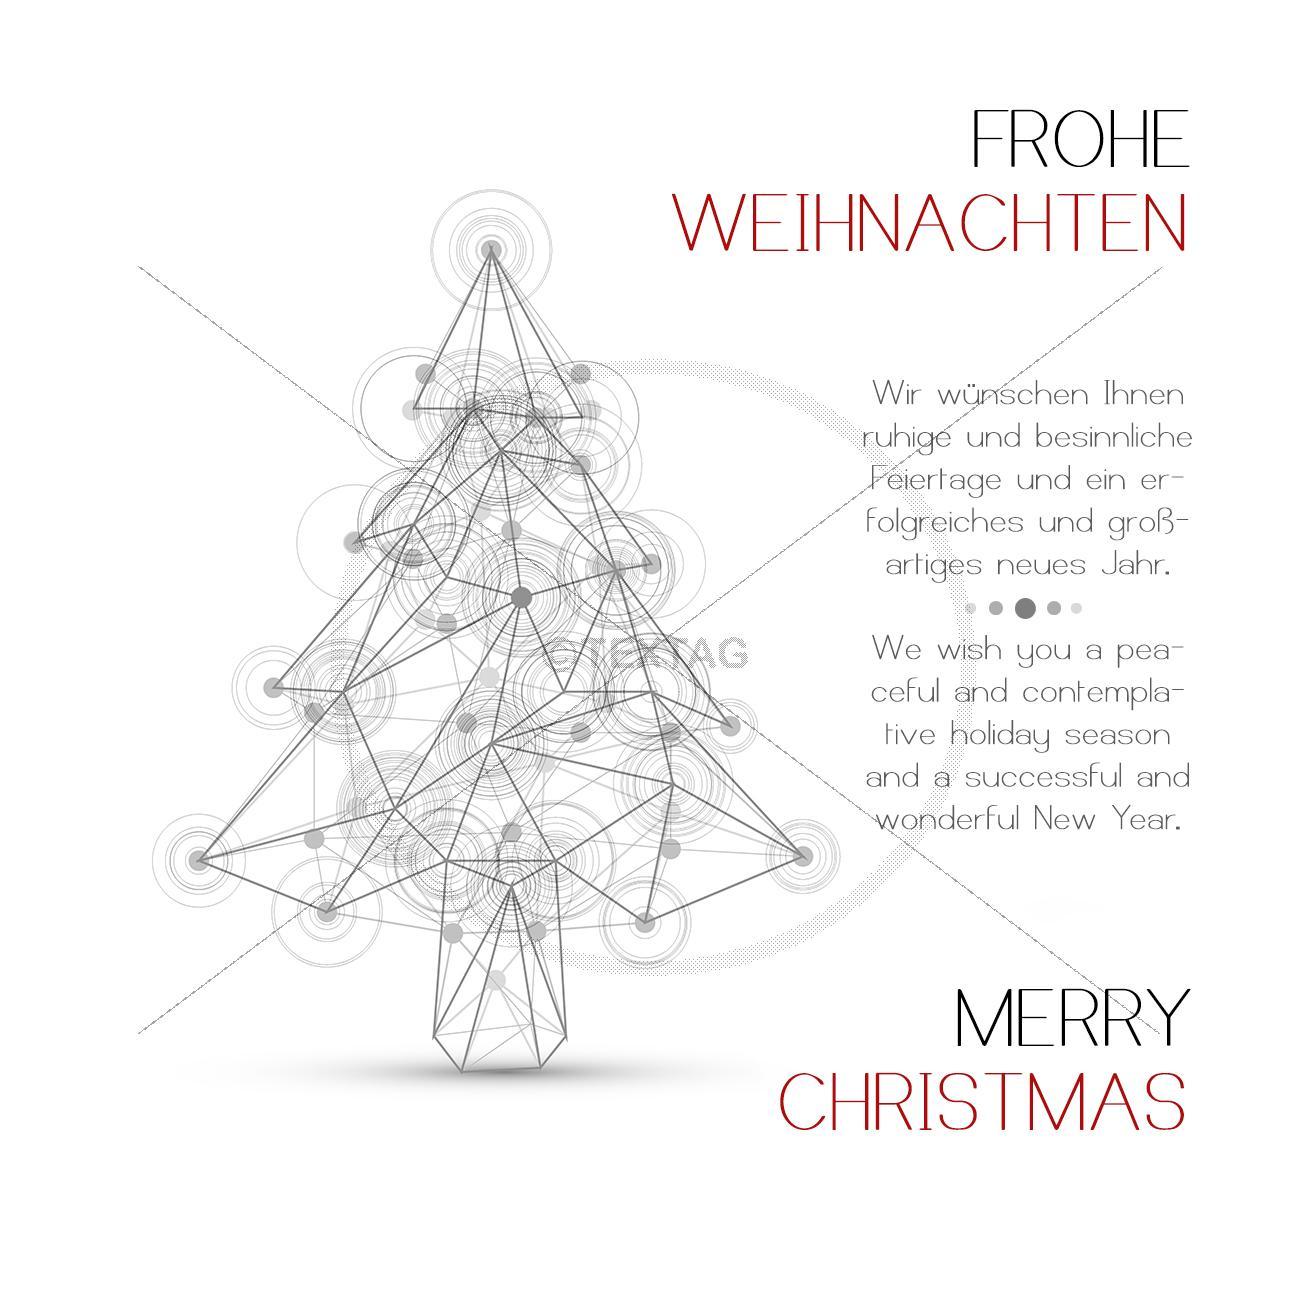 gesch ftliche weihnachts ecard mit spruch deutsch englisch. Black Bedroom Furniture Sets. Home Design Ideas